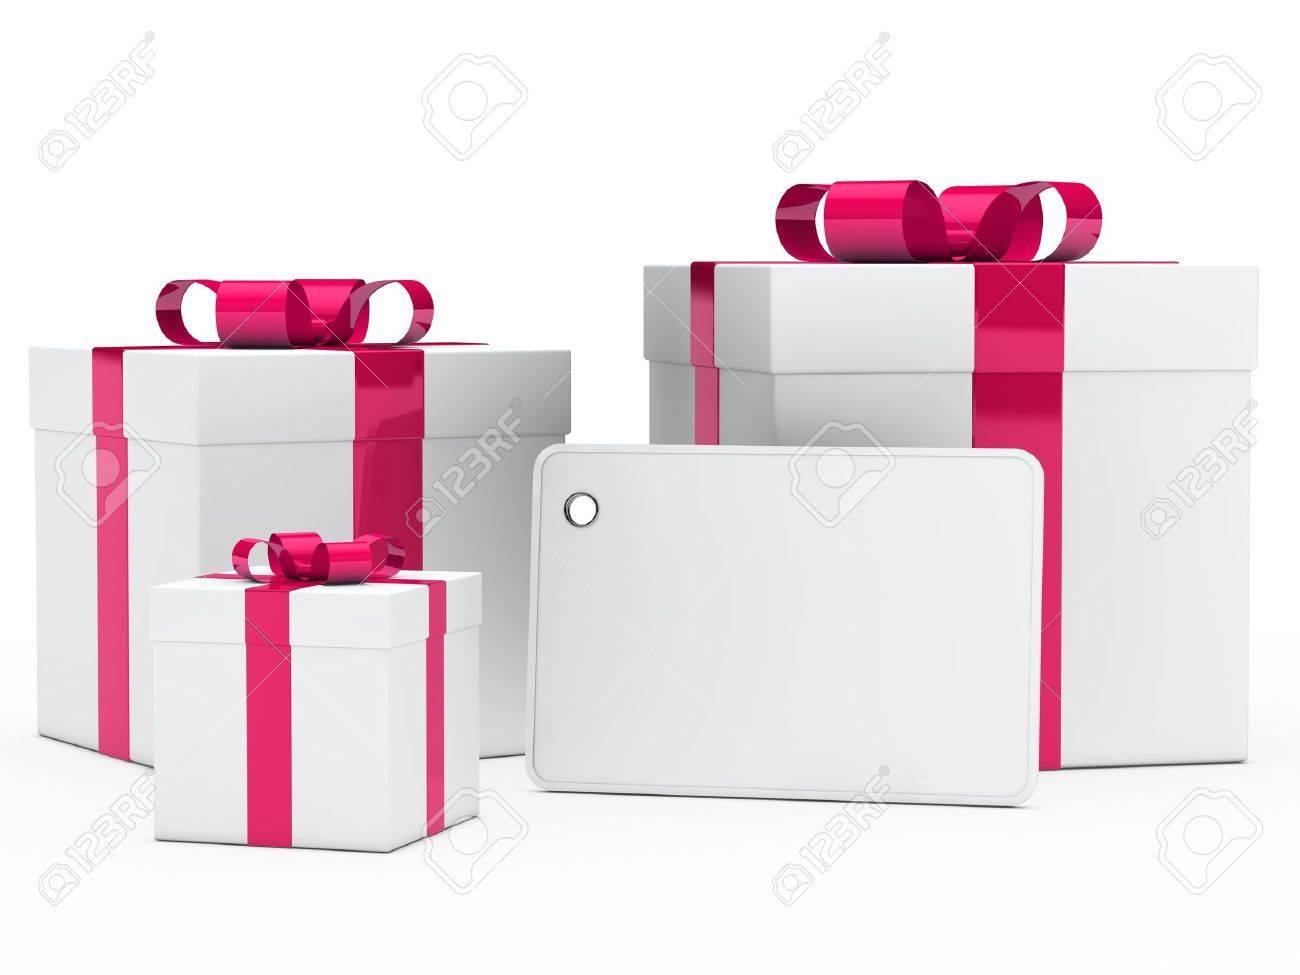 Geschenkkarton Weihnachten.Stock Photo